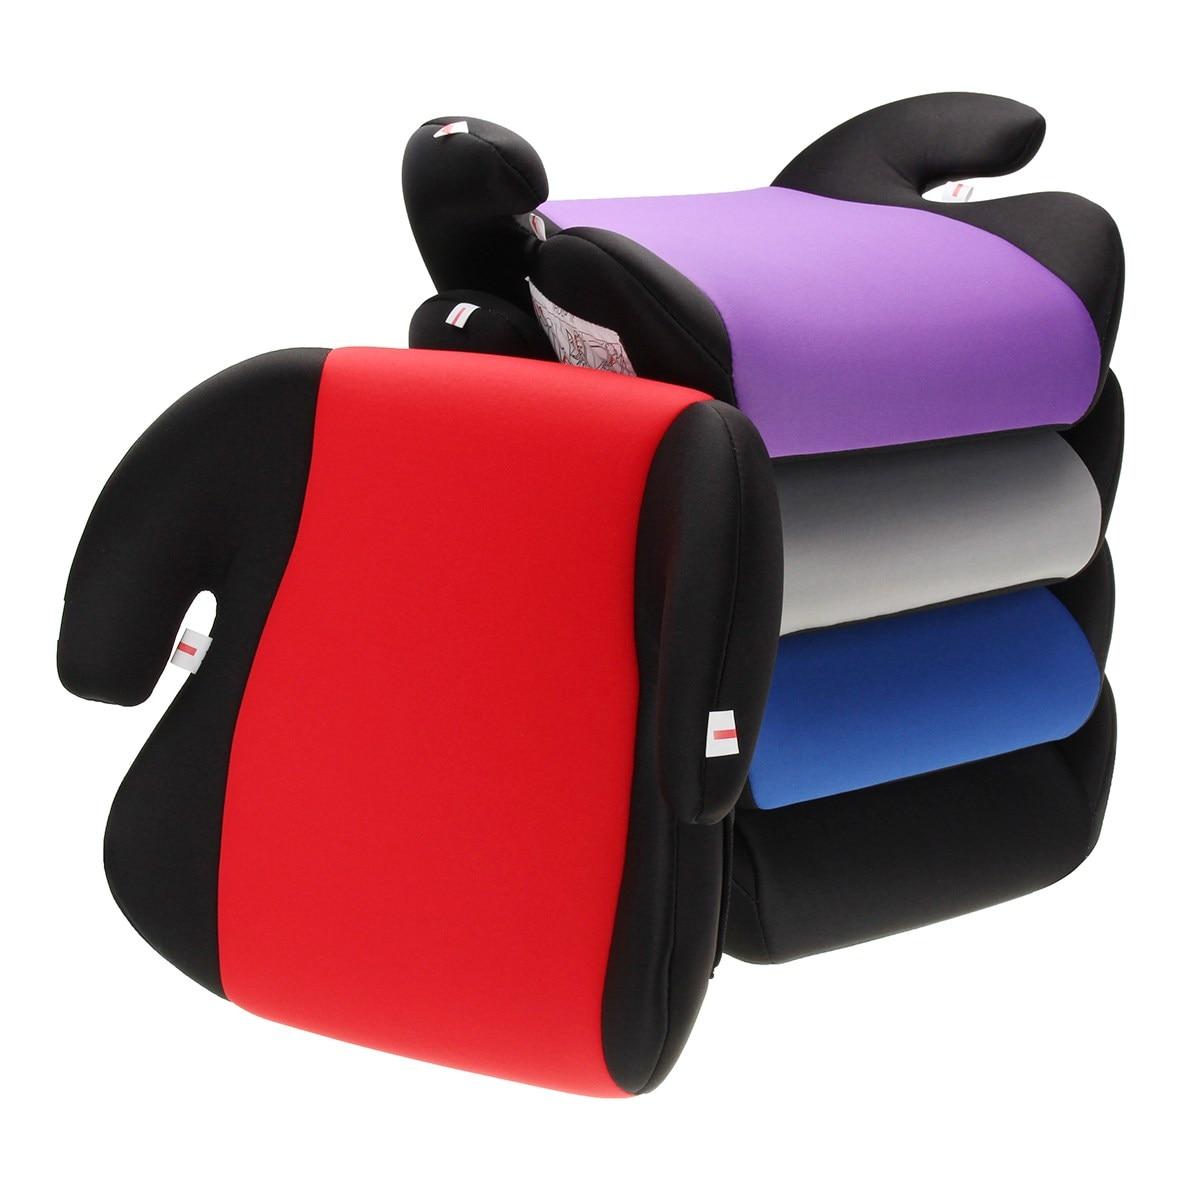 Coche de asiento seguro resistente niños bebé niño mayor de la almohadilla del asiento encaja 6-12 años Multi- color